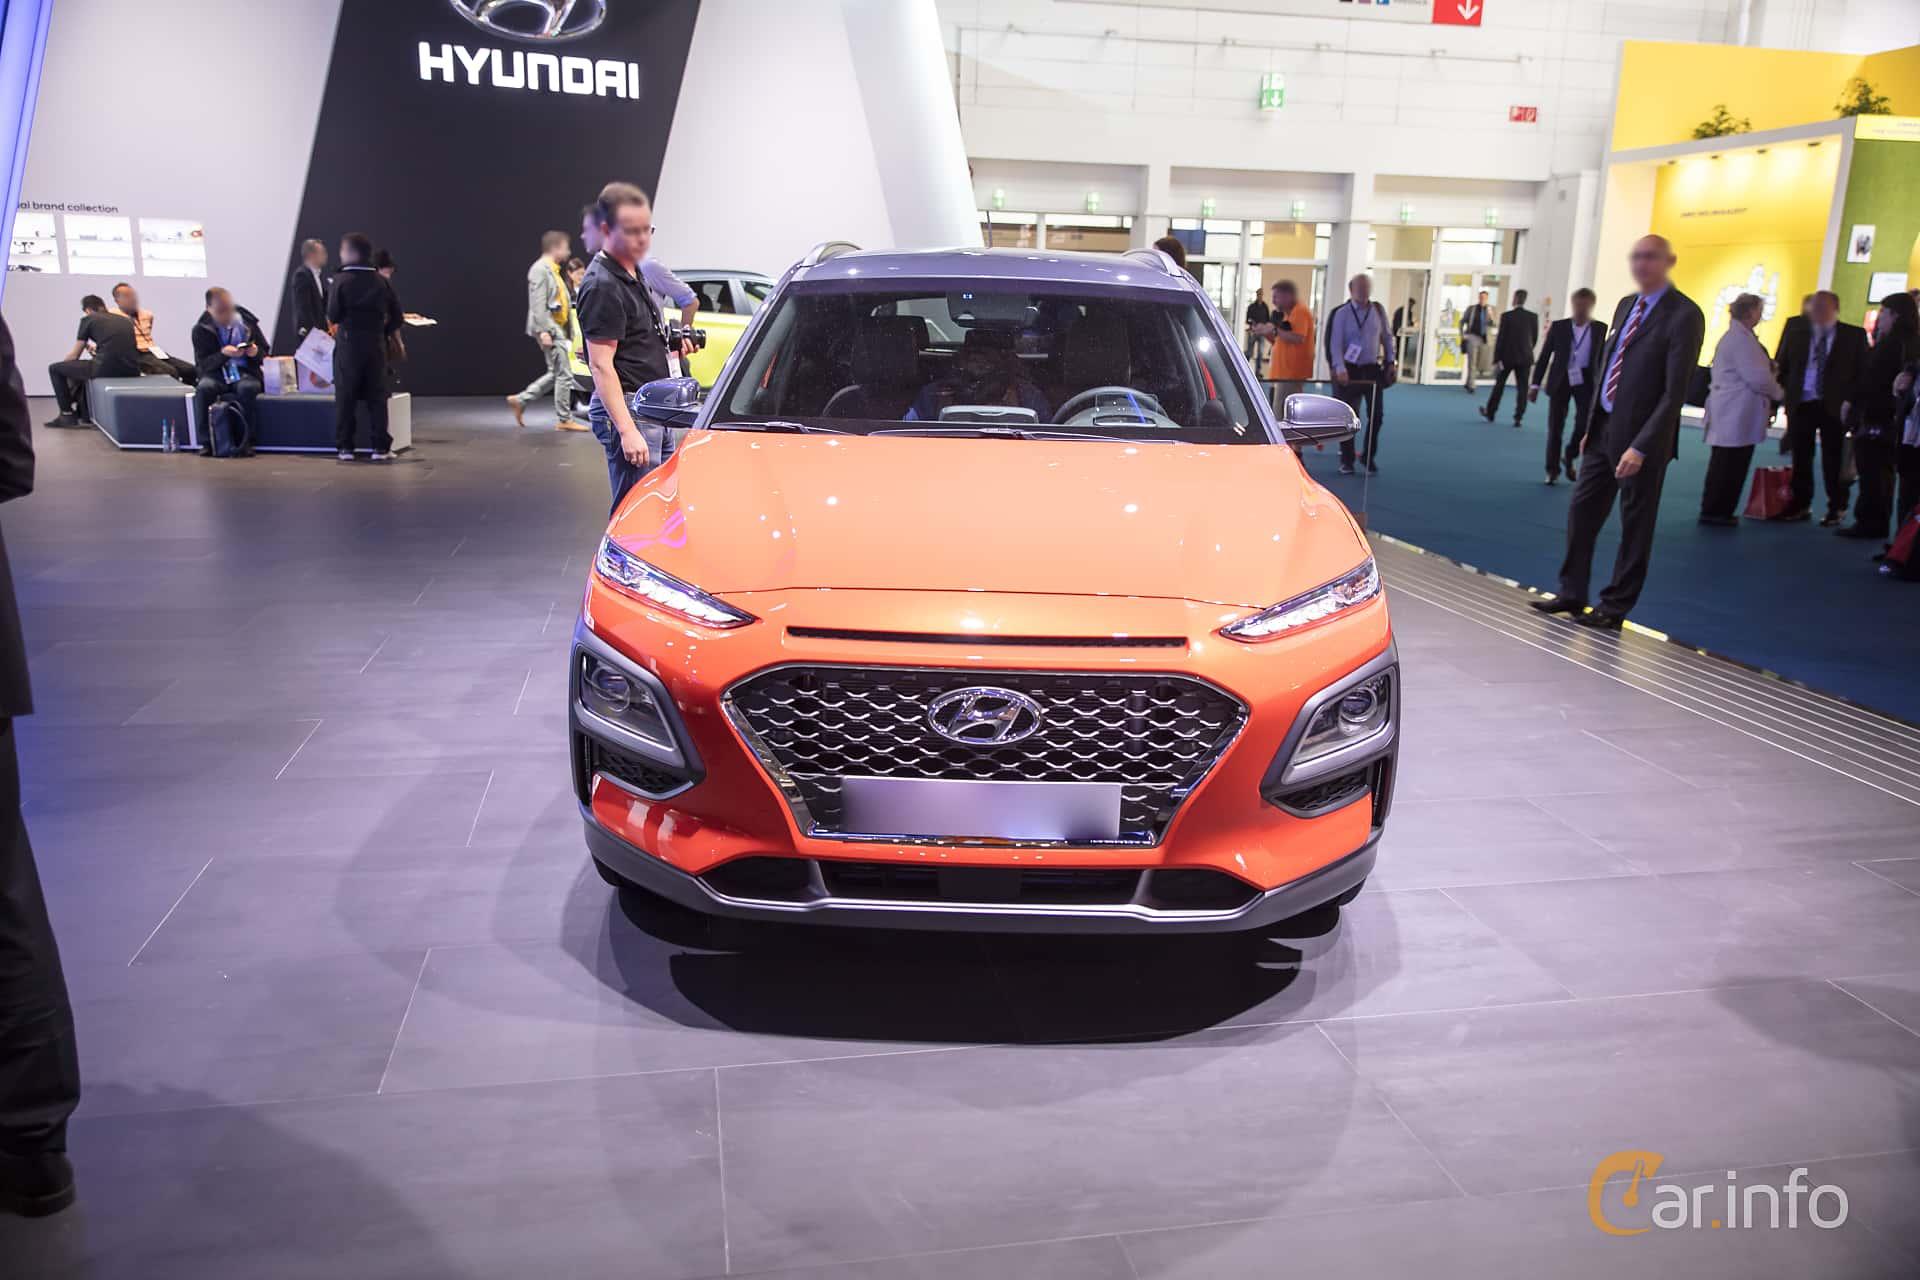 Front  of Hyundai Kona 1.6 T-GDI AWD DCT, 177ps, 2018 at IAA 2017